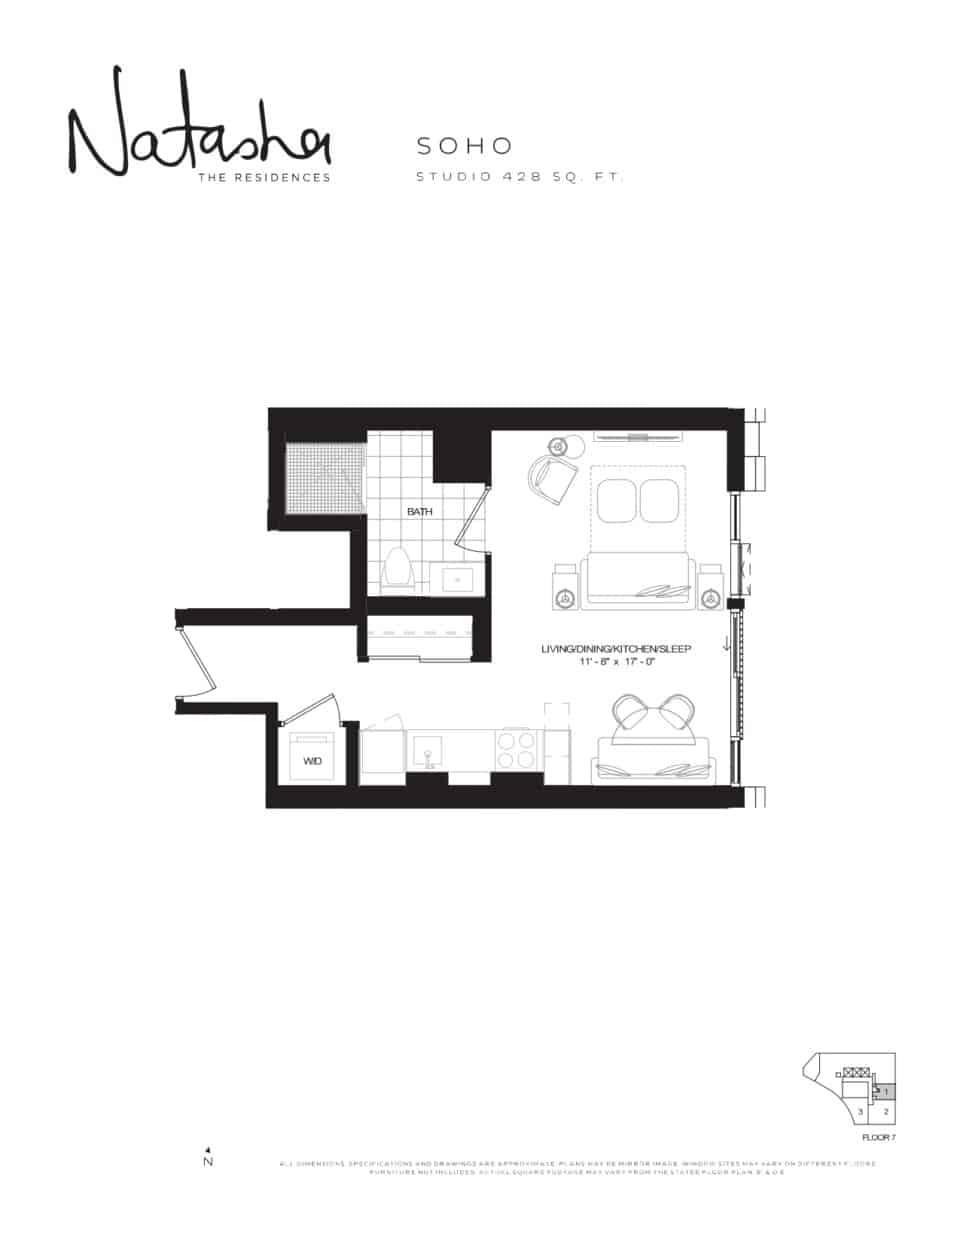 2021 09 02 11 03 13 natashatheresidences lanterradevelopments floorplans soho